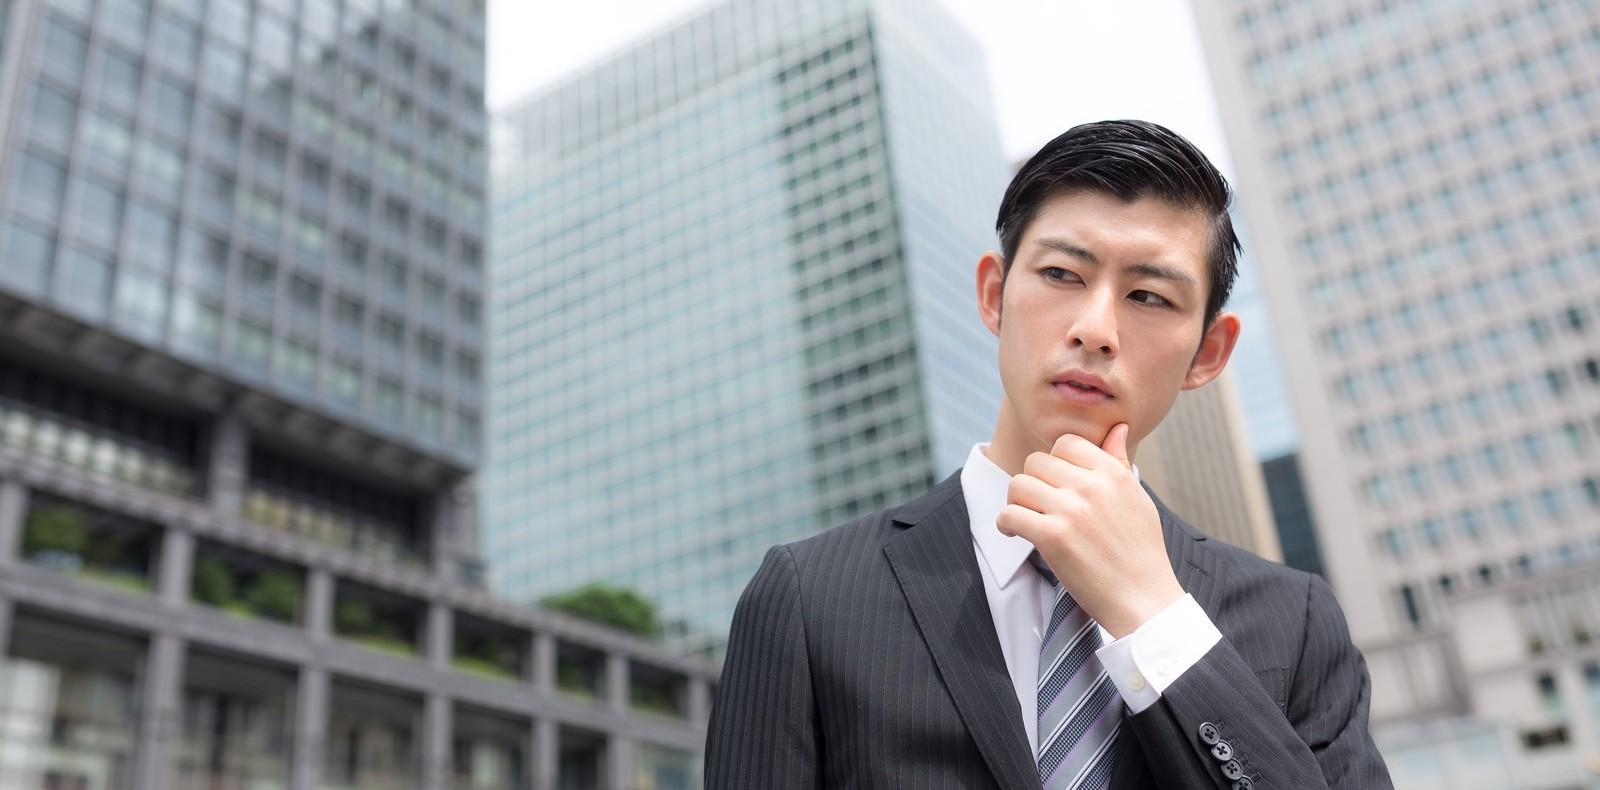 ビジネスマン 講座